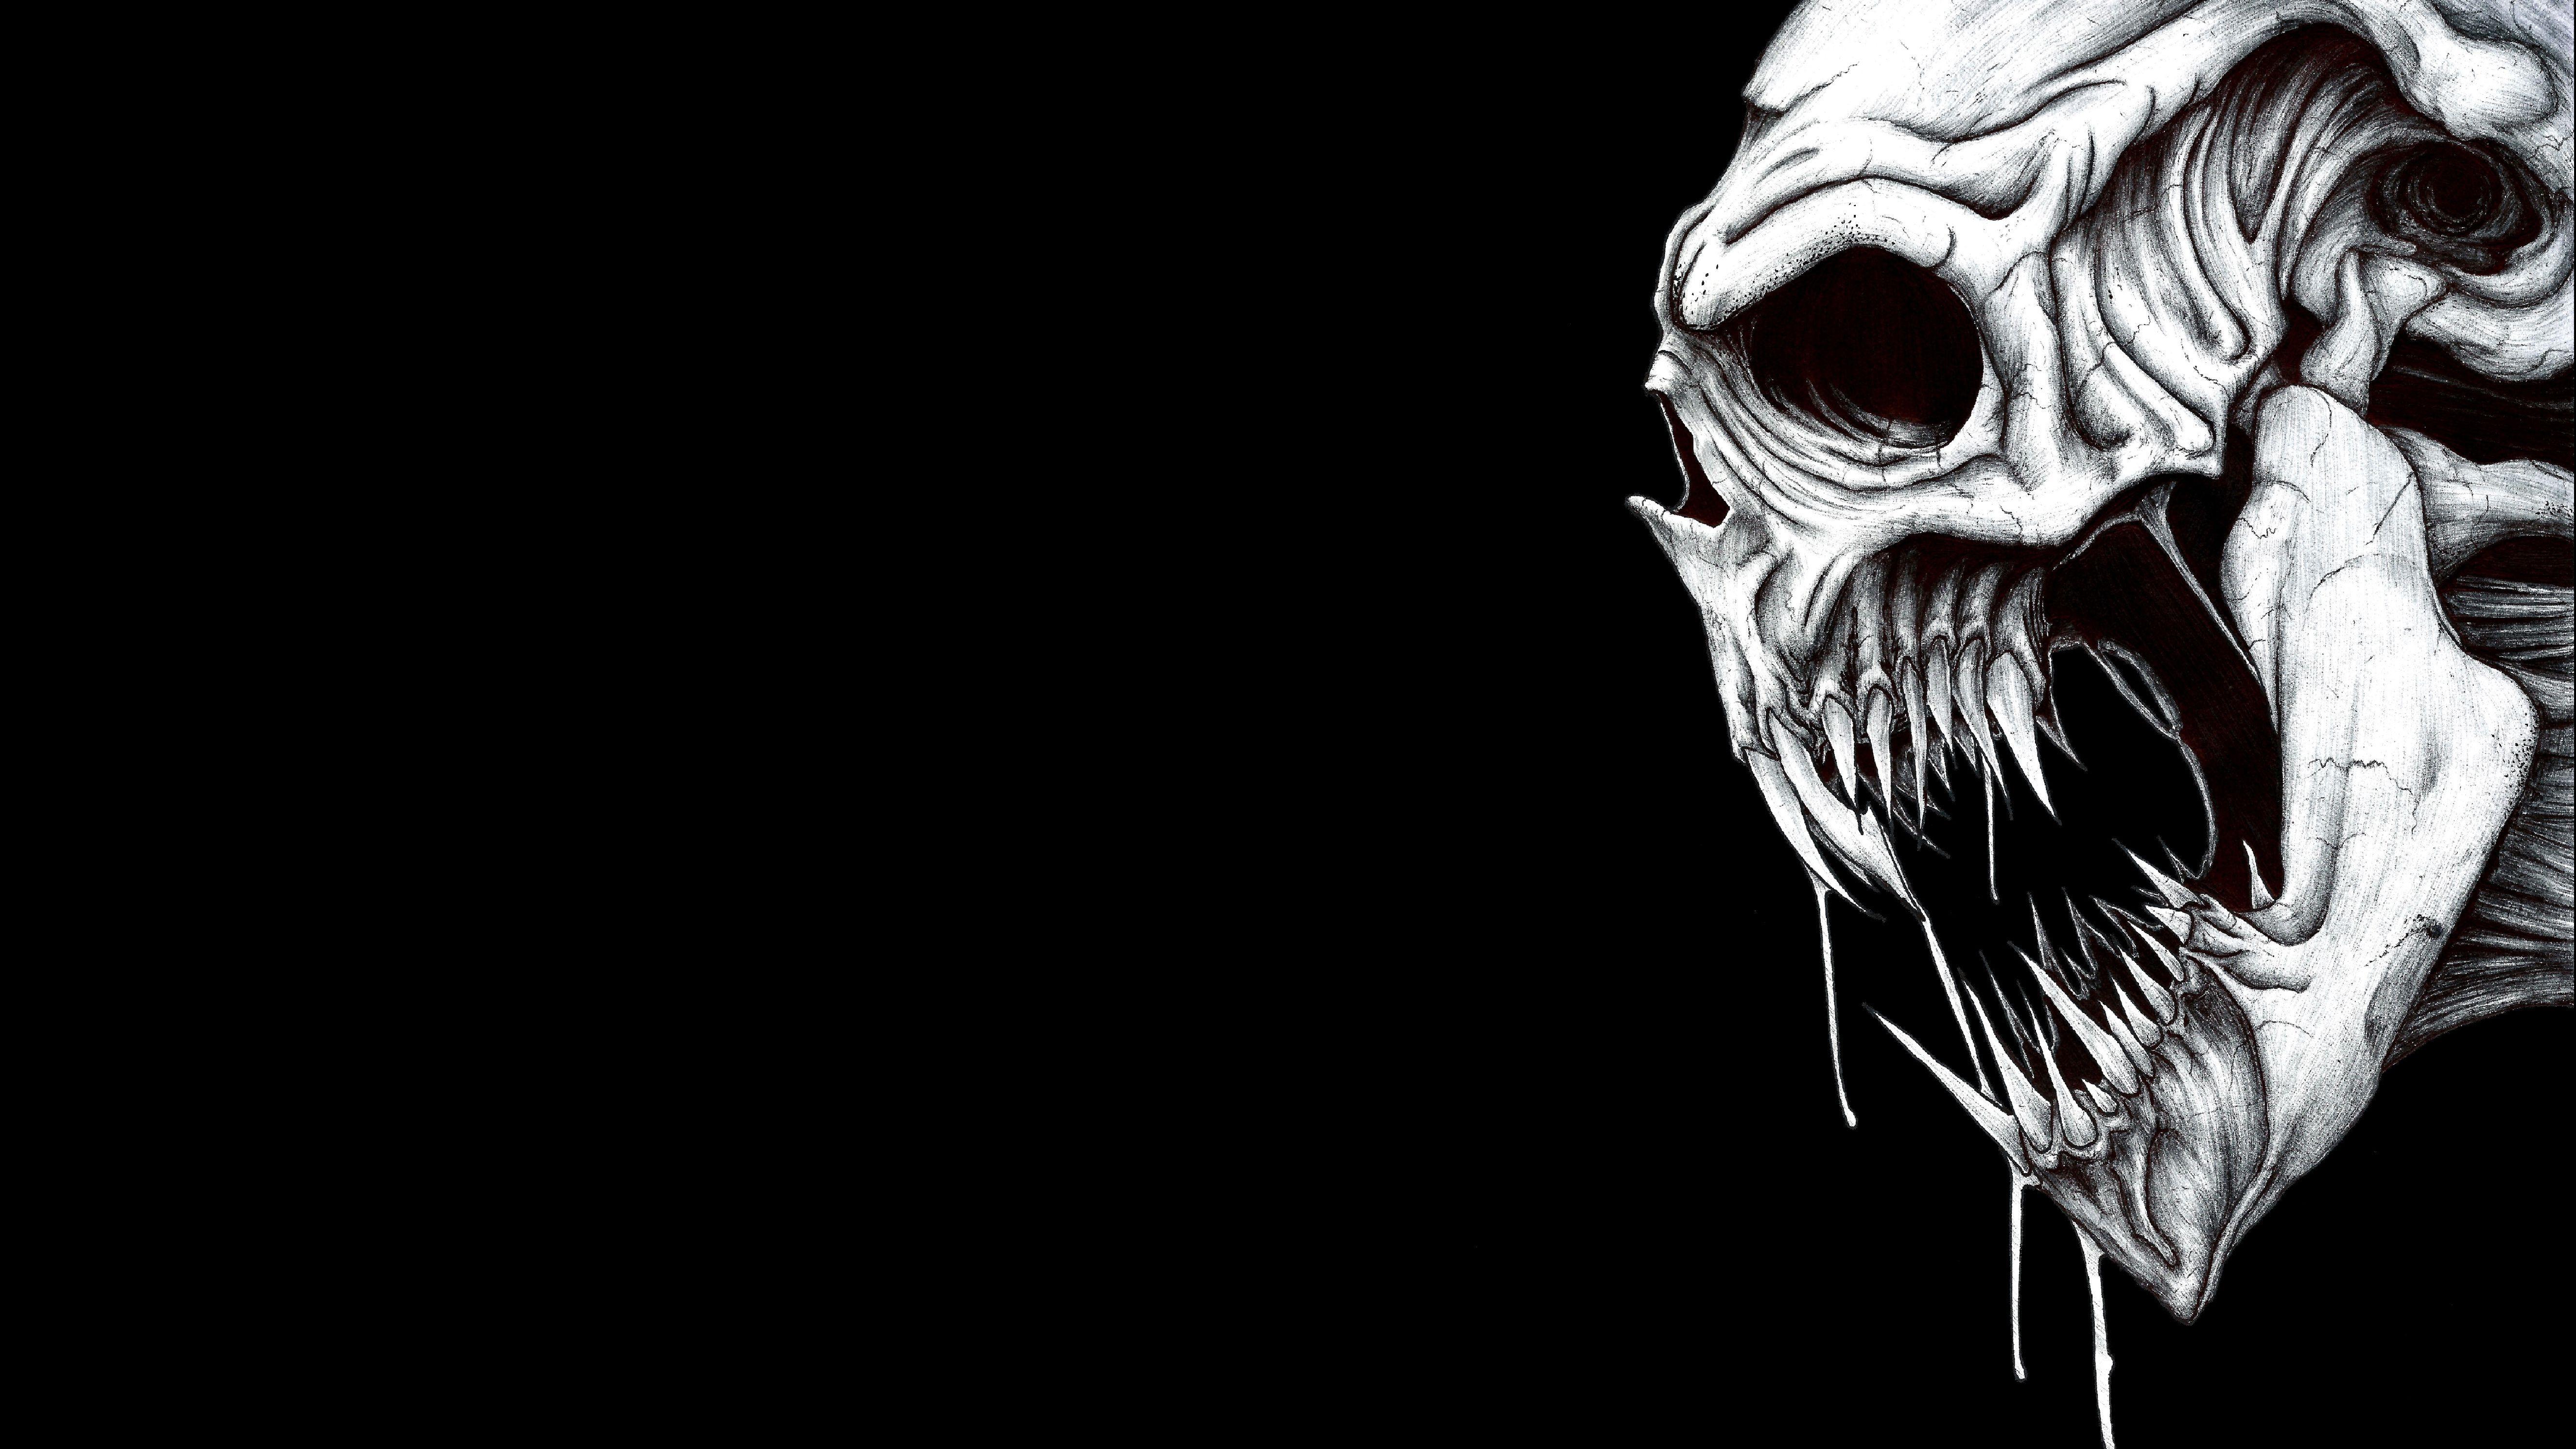 Skull Wallpapers - Top Free Skull